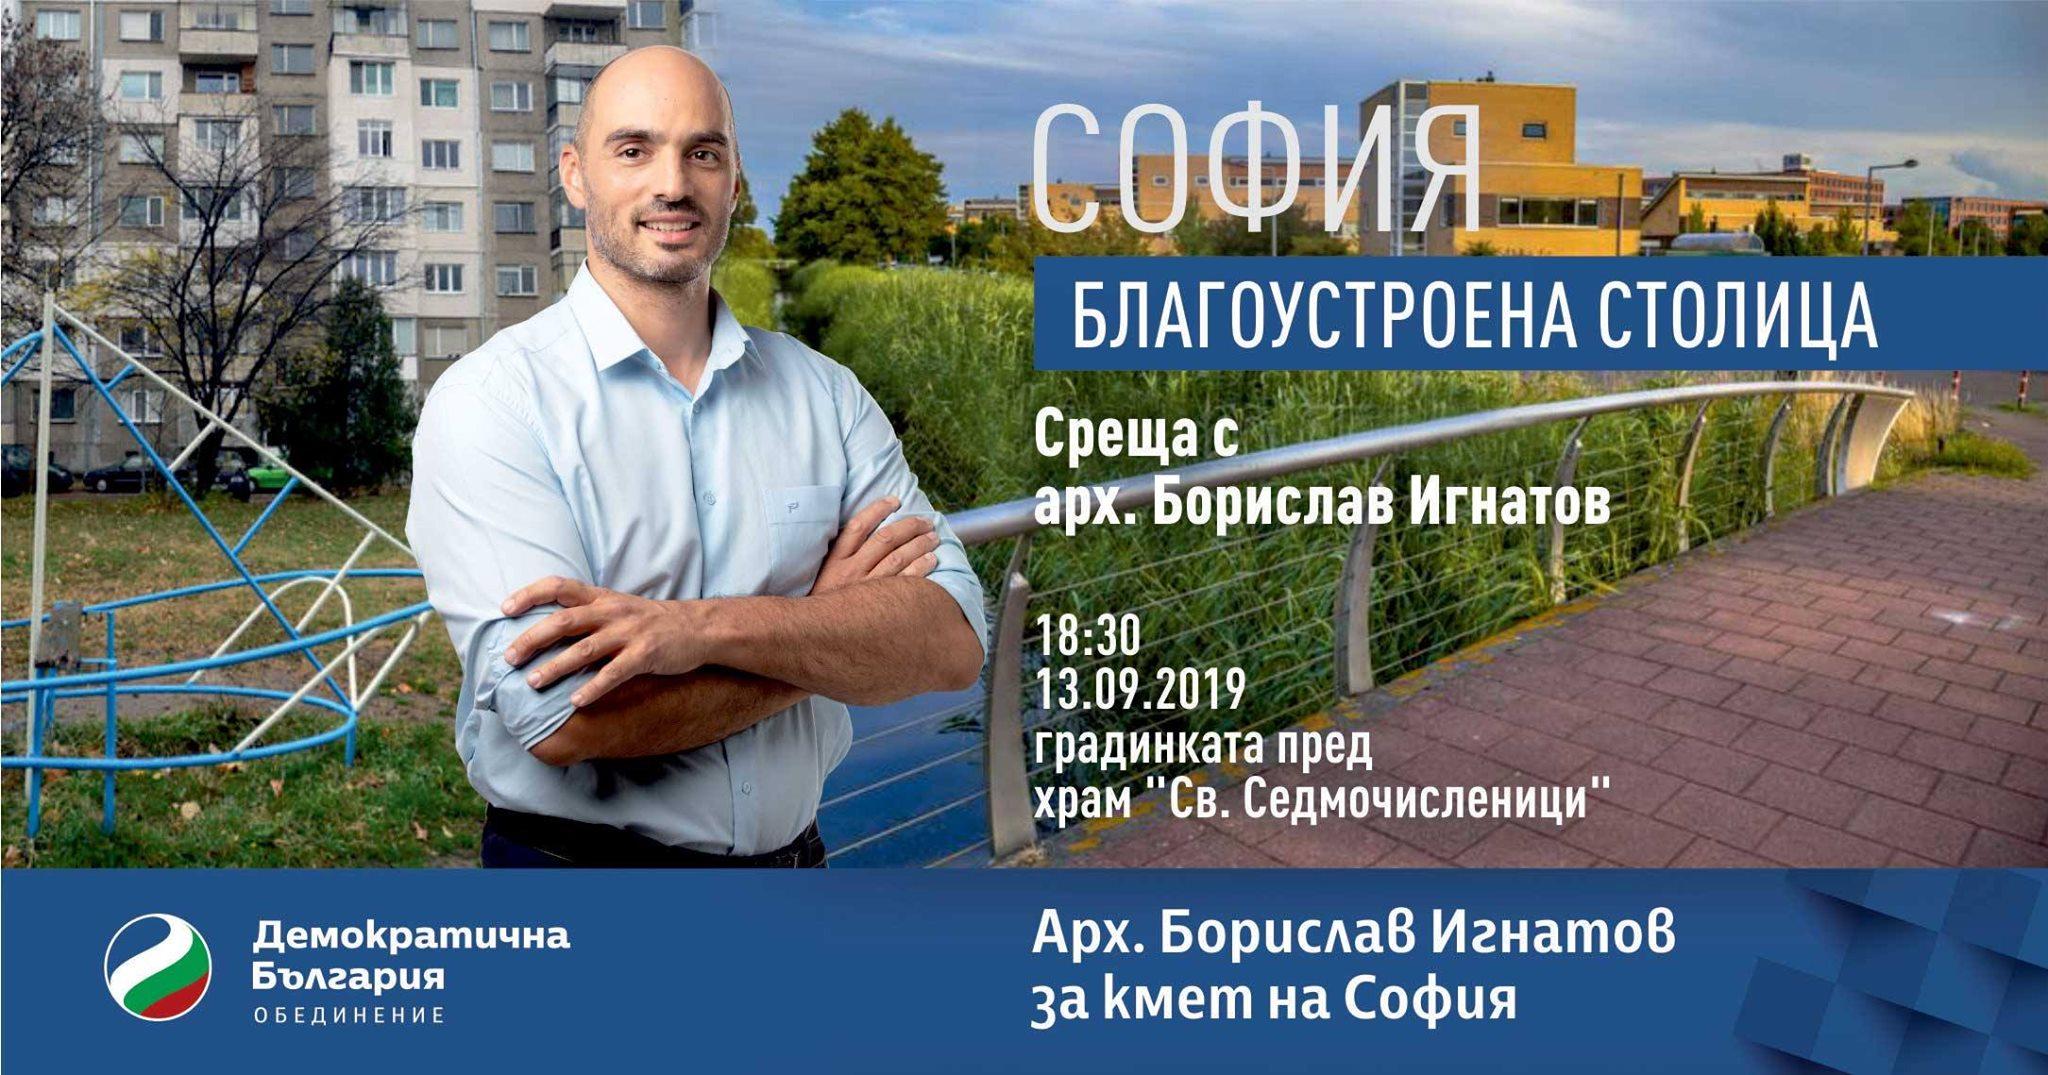 София - благоустроена столица